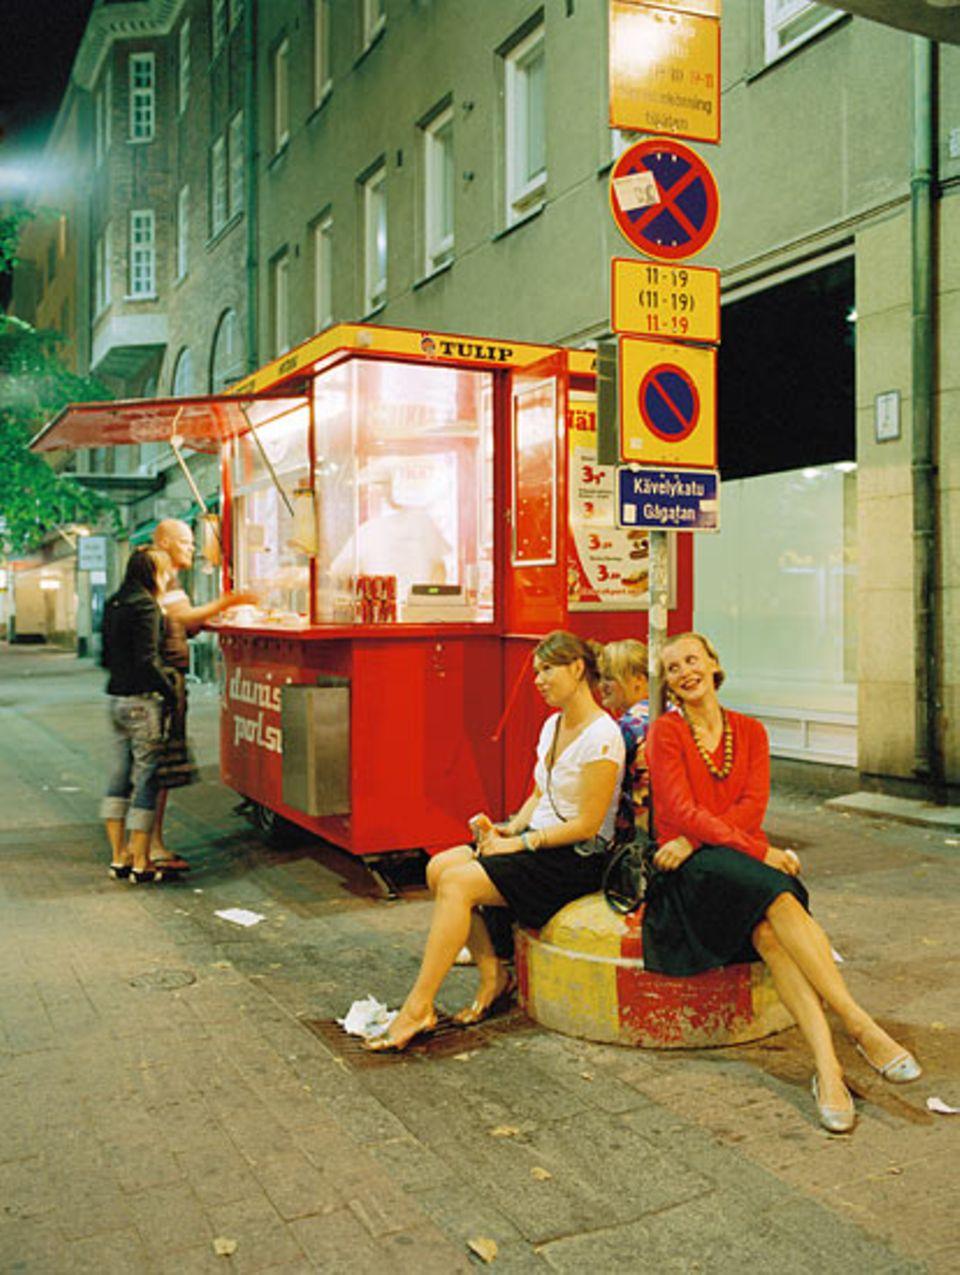 Saturday Night Fever am Hotdog-Stand auf der Iso Roobertinkatu, der Ausgehmeile